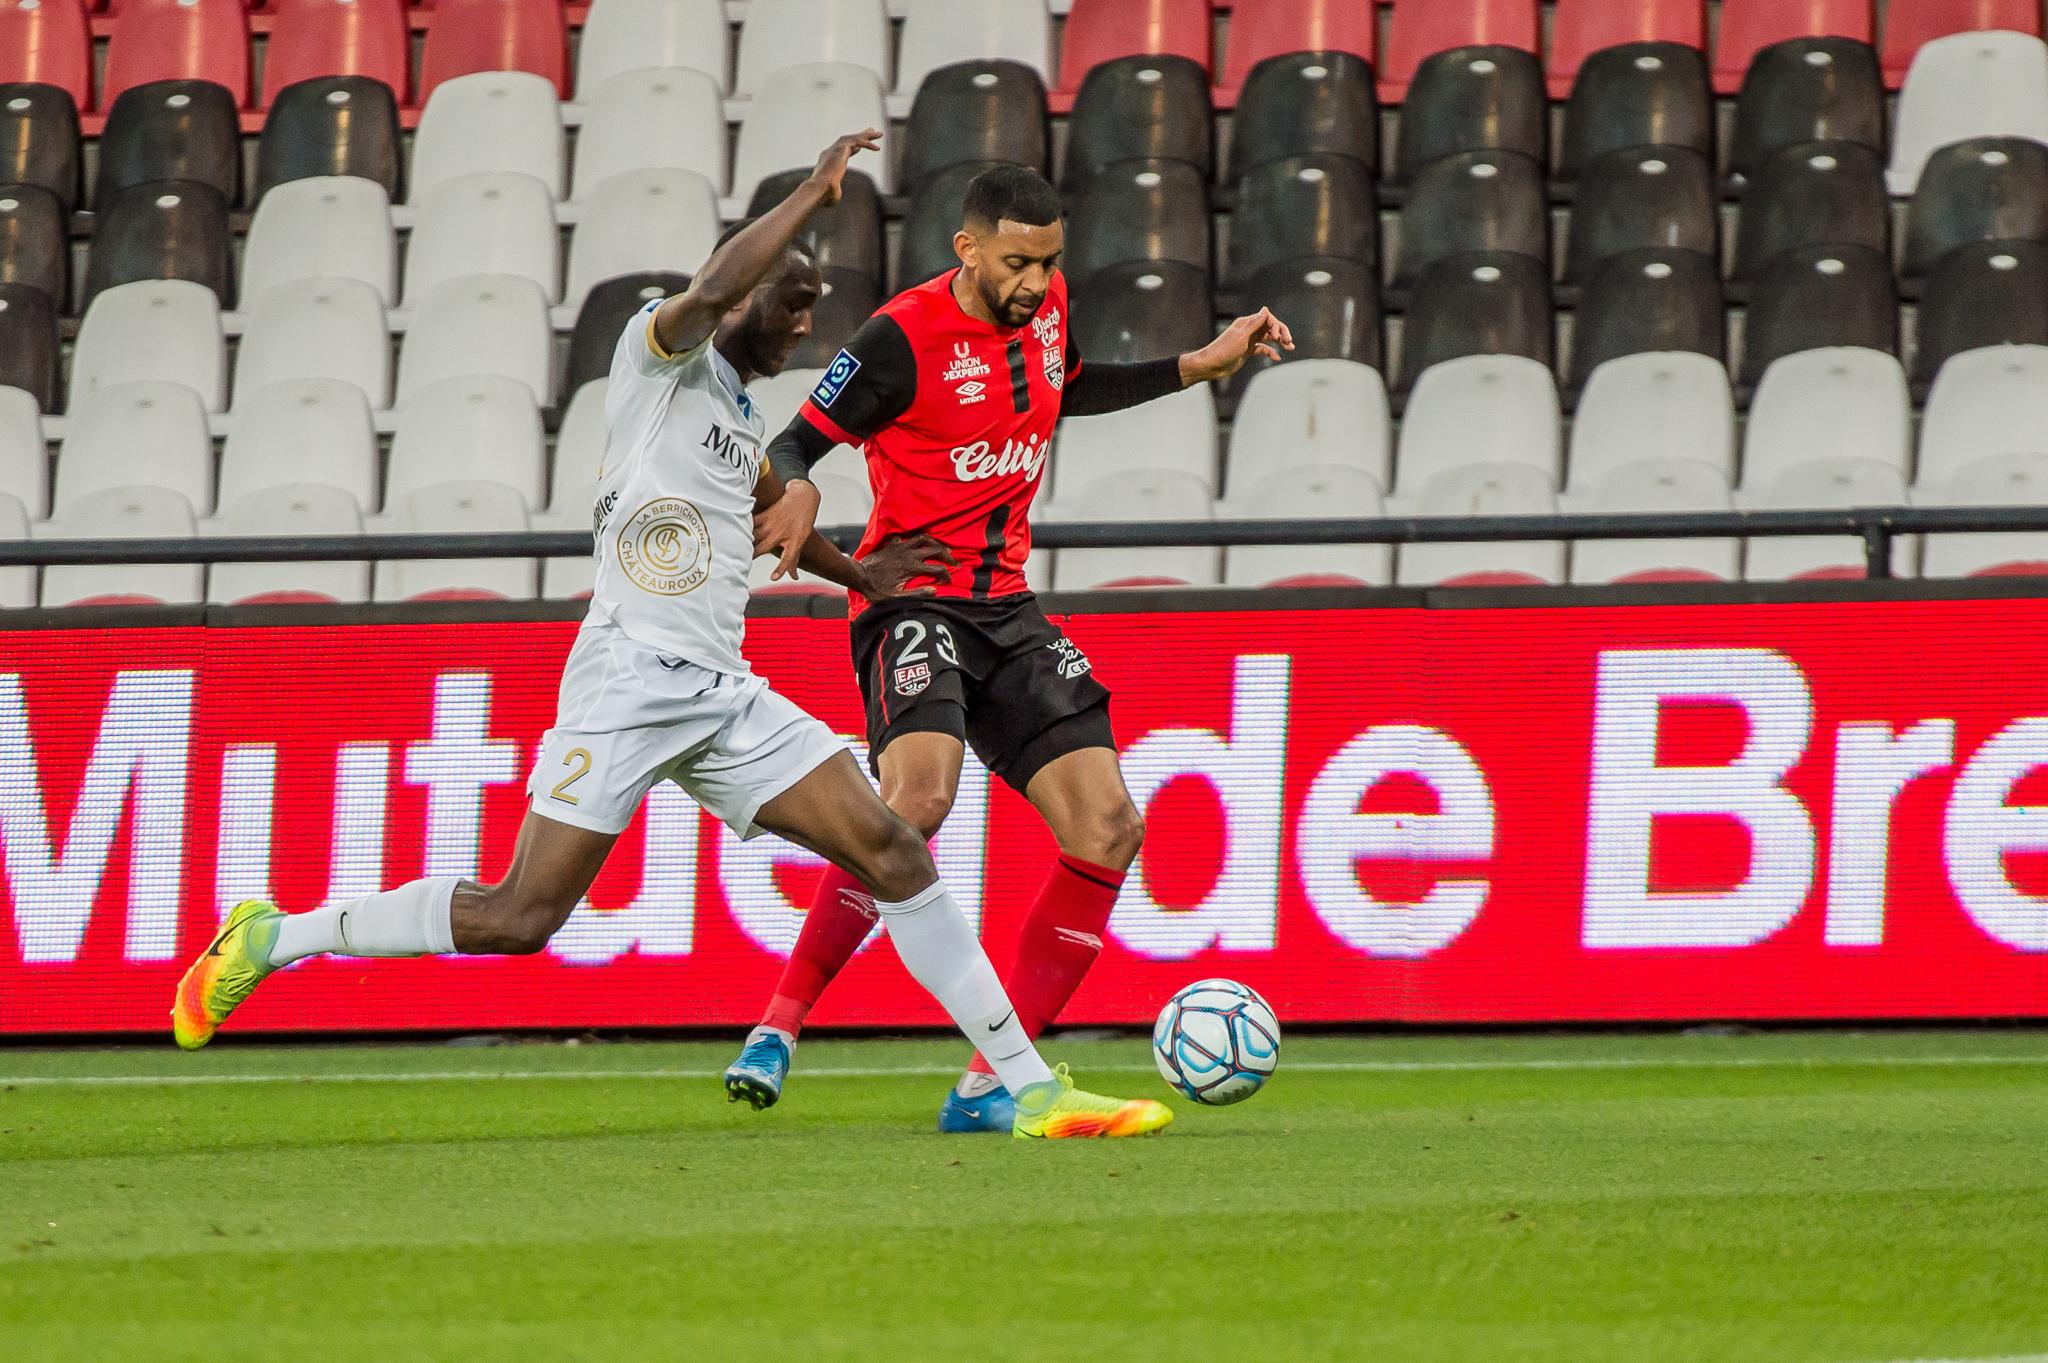 EA Guingamp La Berrichonne Châteauroux J37 Ligue 2 BKT EAGLBC 2-0 Stade de Roudourou FRA_5739